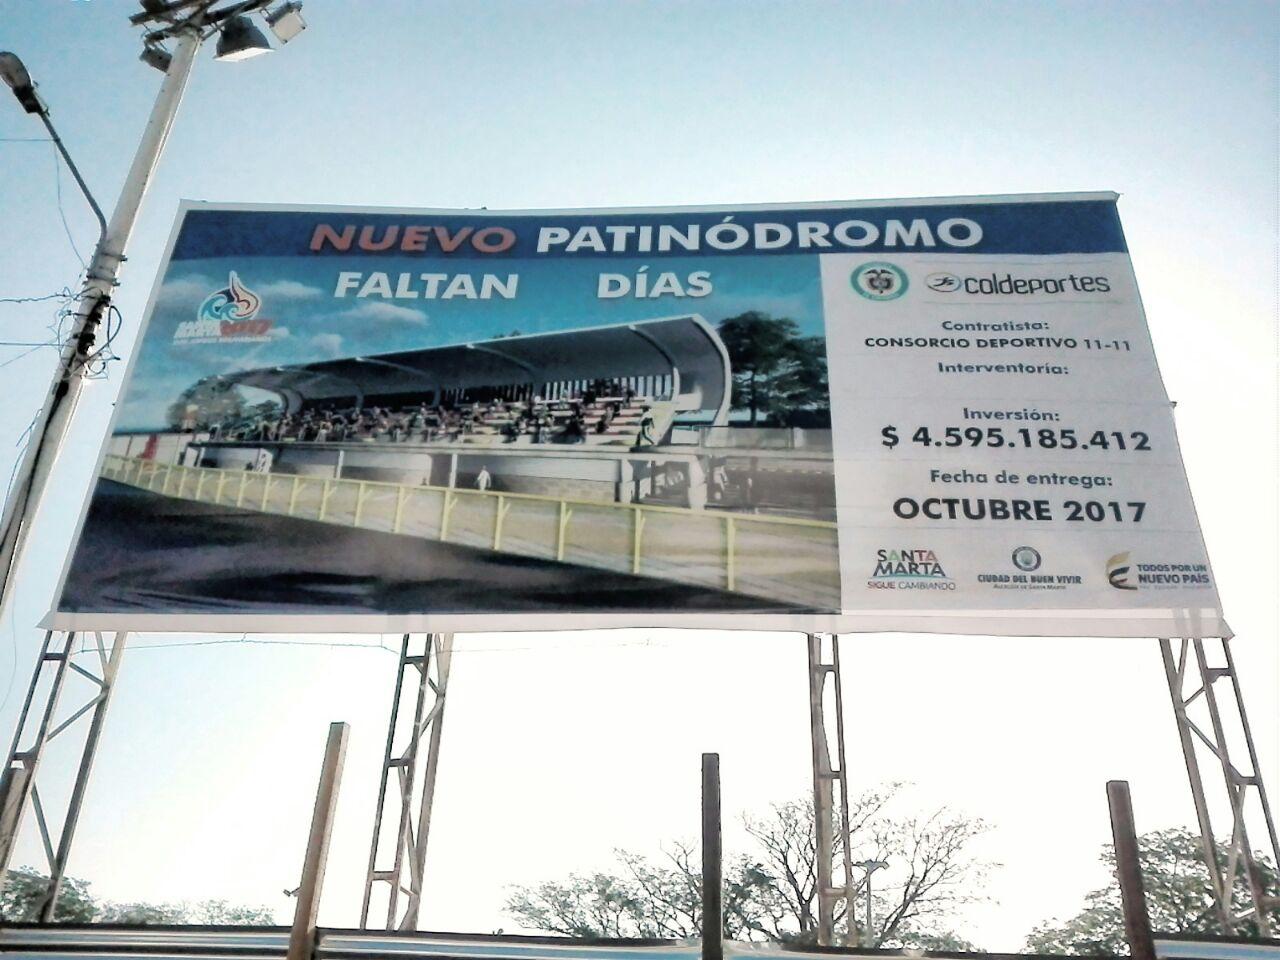 Nuevo patinódromo (Polideportivo). NO tiene conteo regresivo.